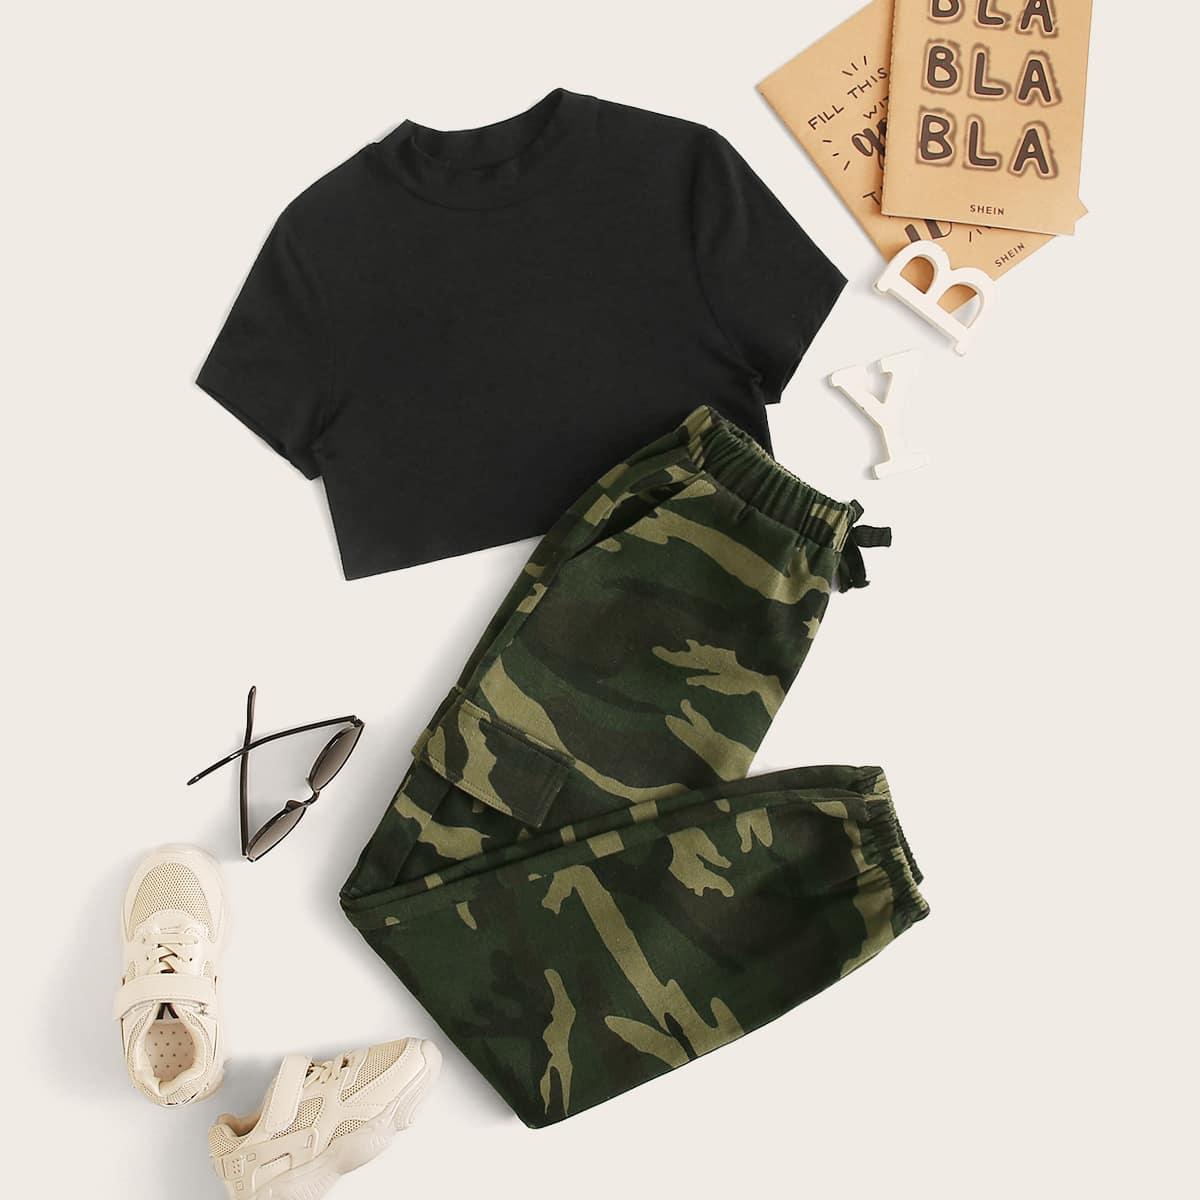 SHEIN / Mädchen Reines Top mit Stehkragen und Hosen Set mit Camo Muster